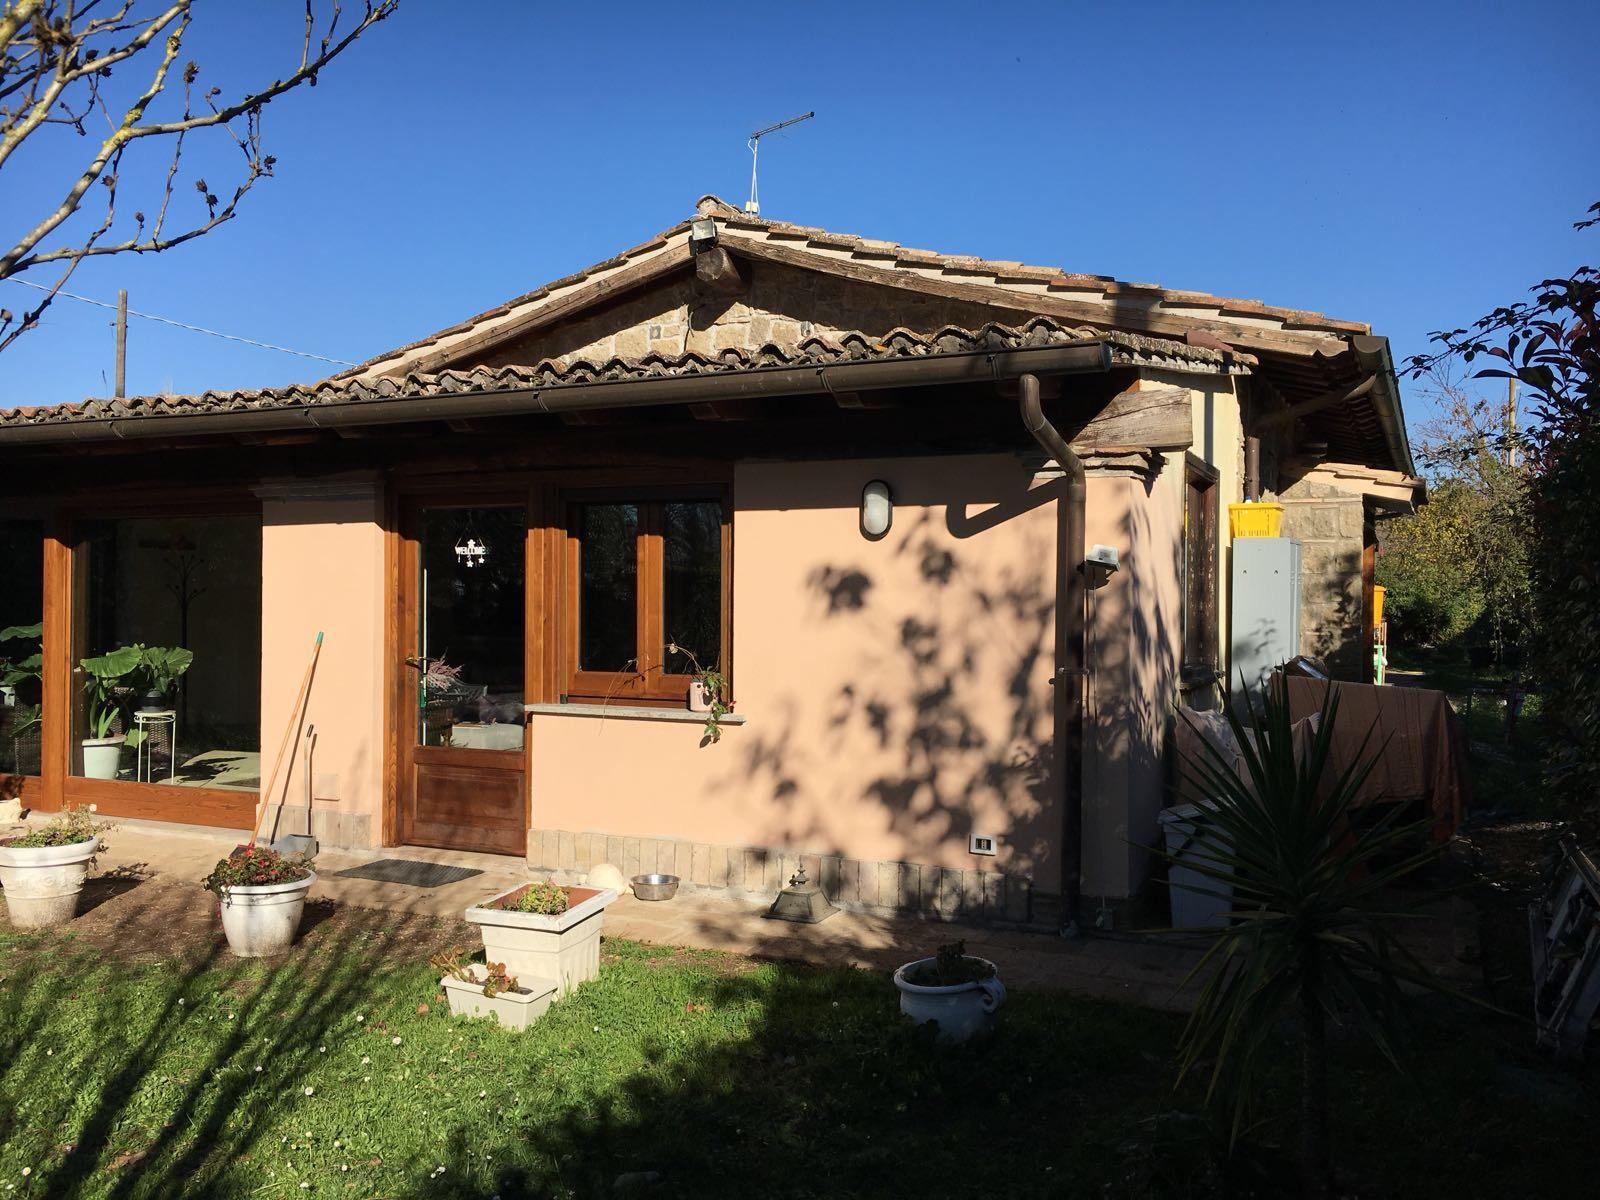 Casa in vendita sul lago di bracciano roma lazio for Case in vendita roma